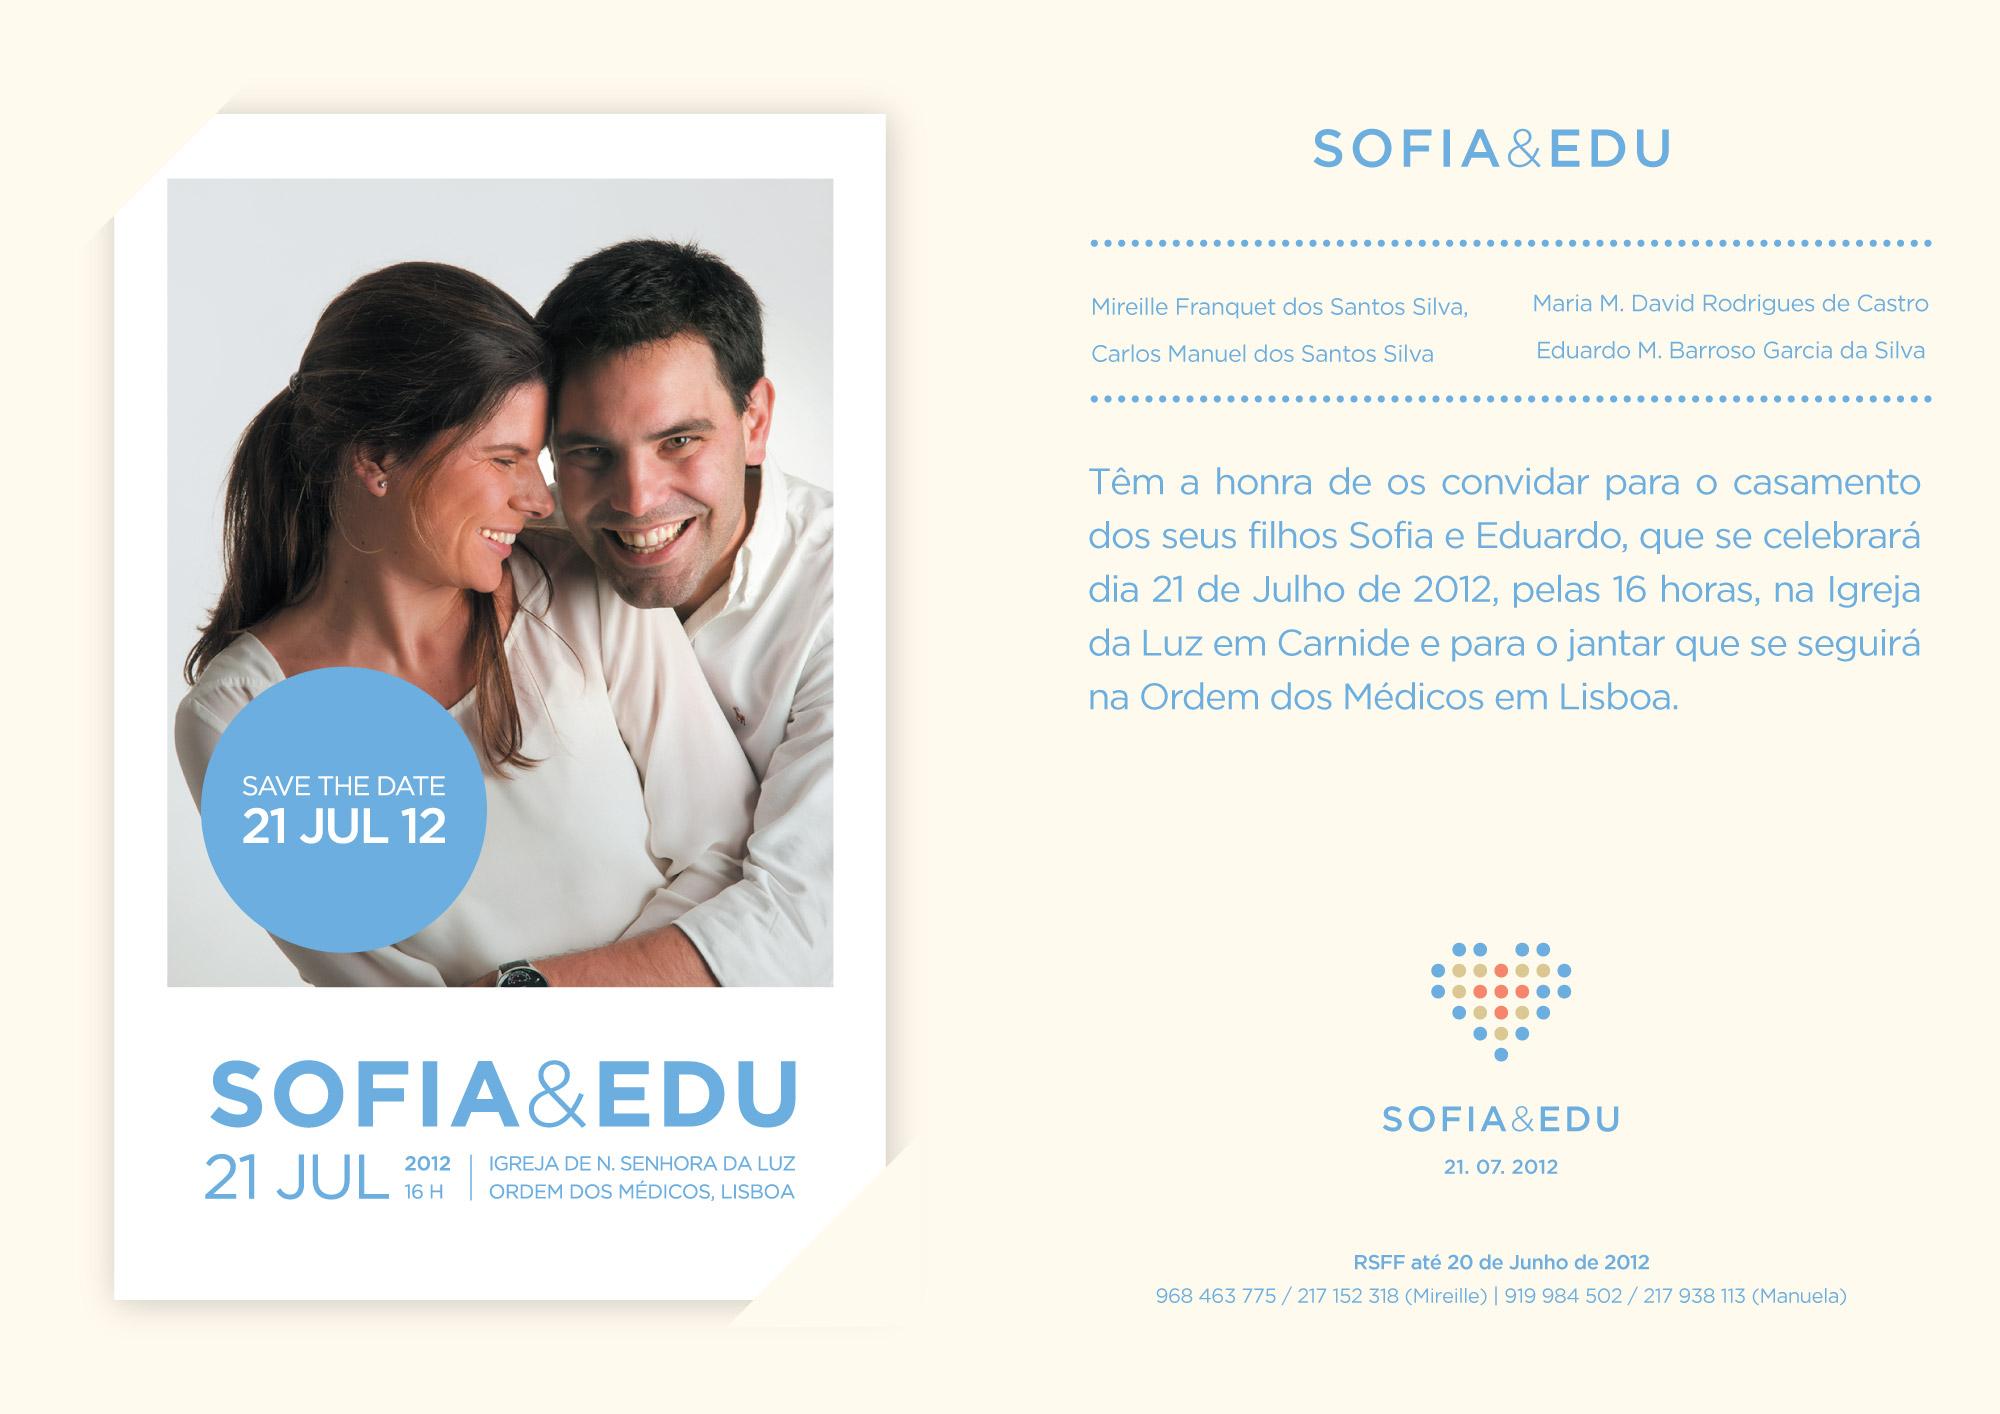 sofia-edu_02